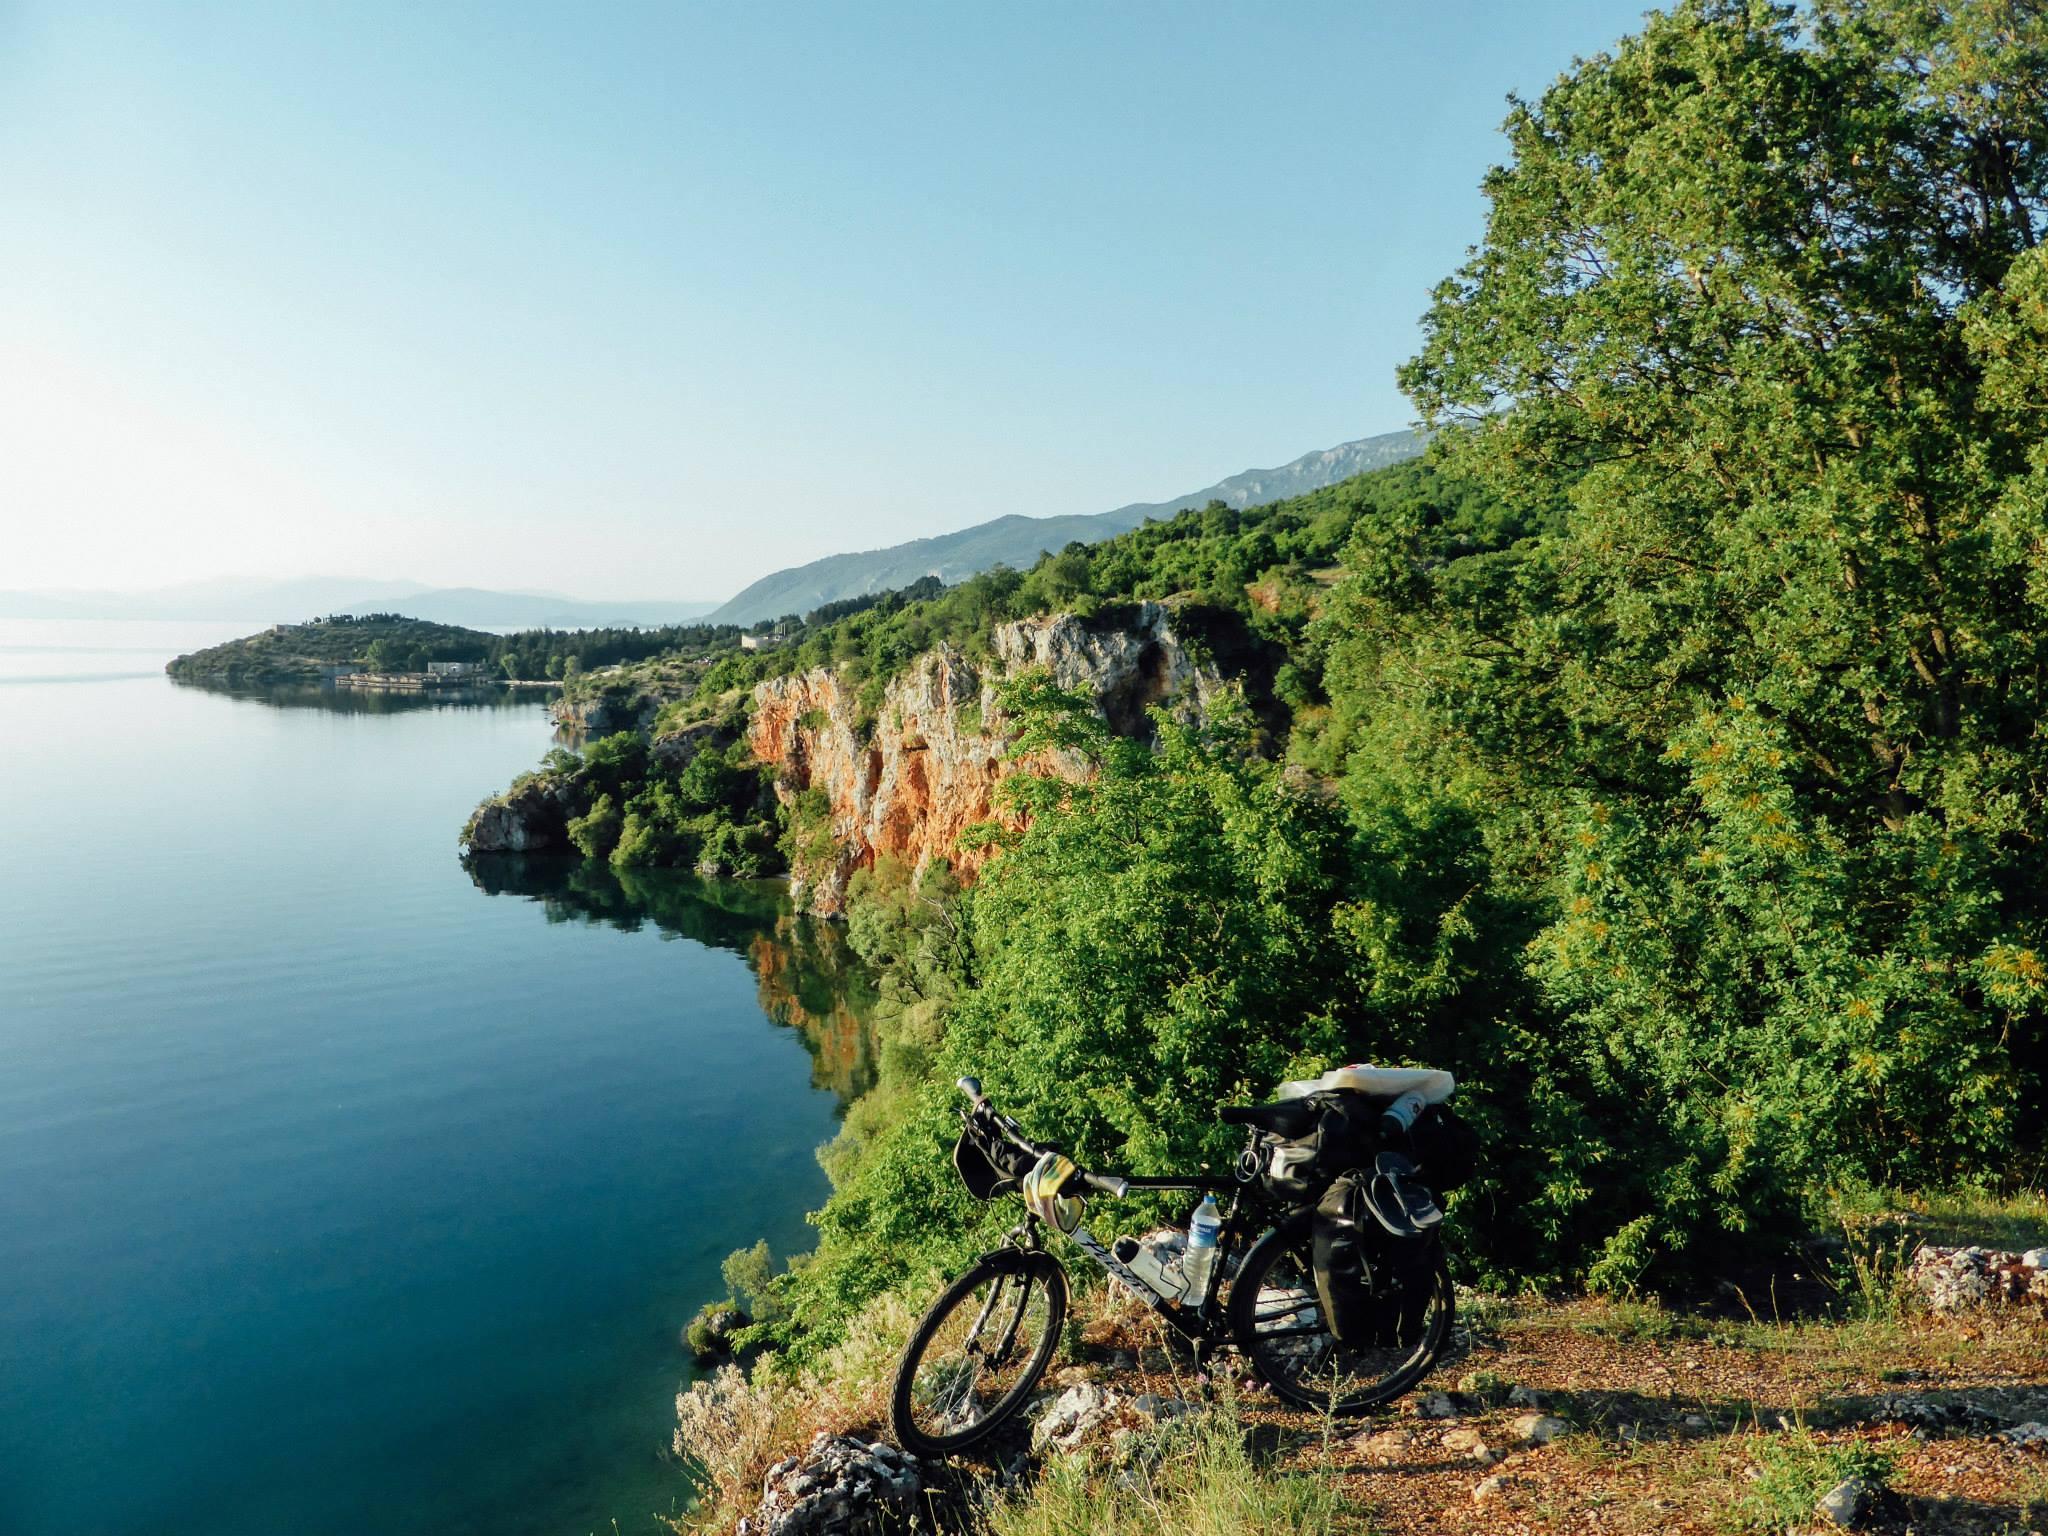 Bikepacking: ben jij klaar voor het volgende avontuur?